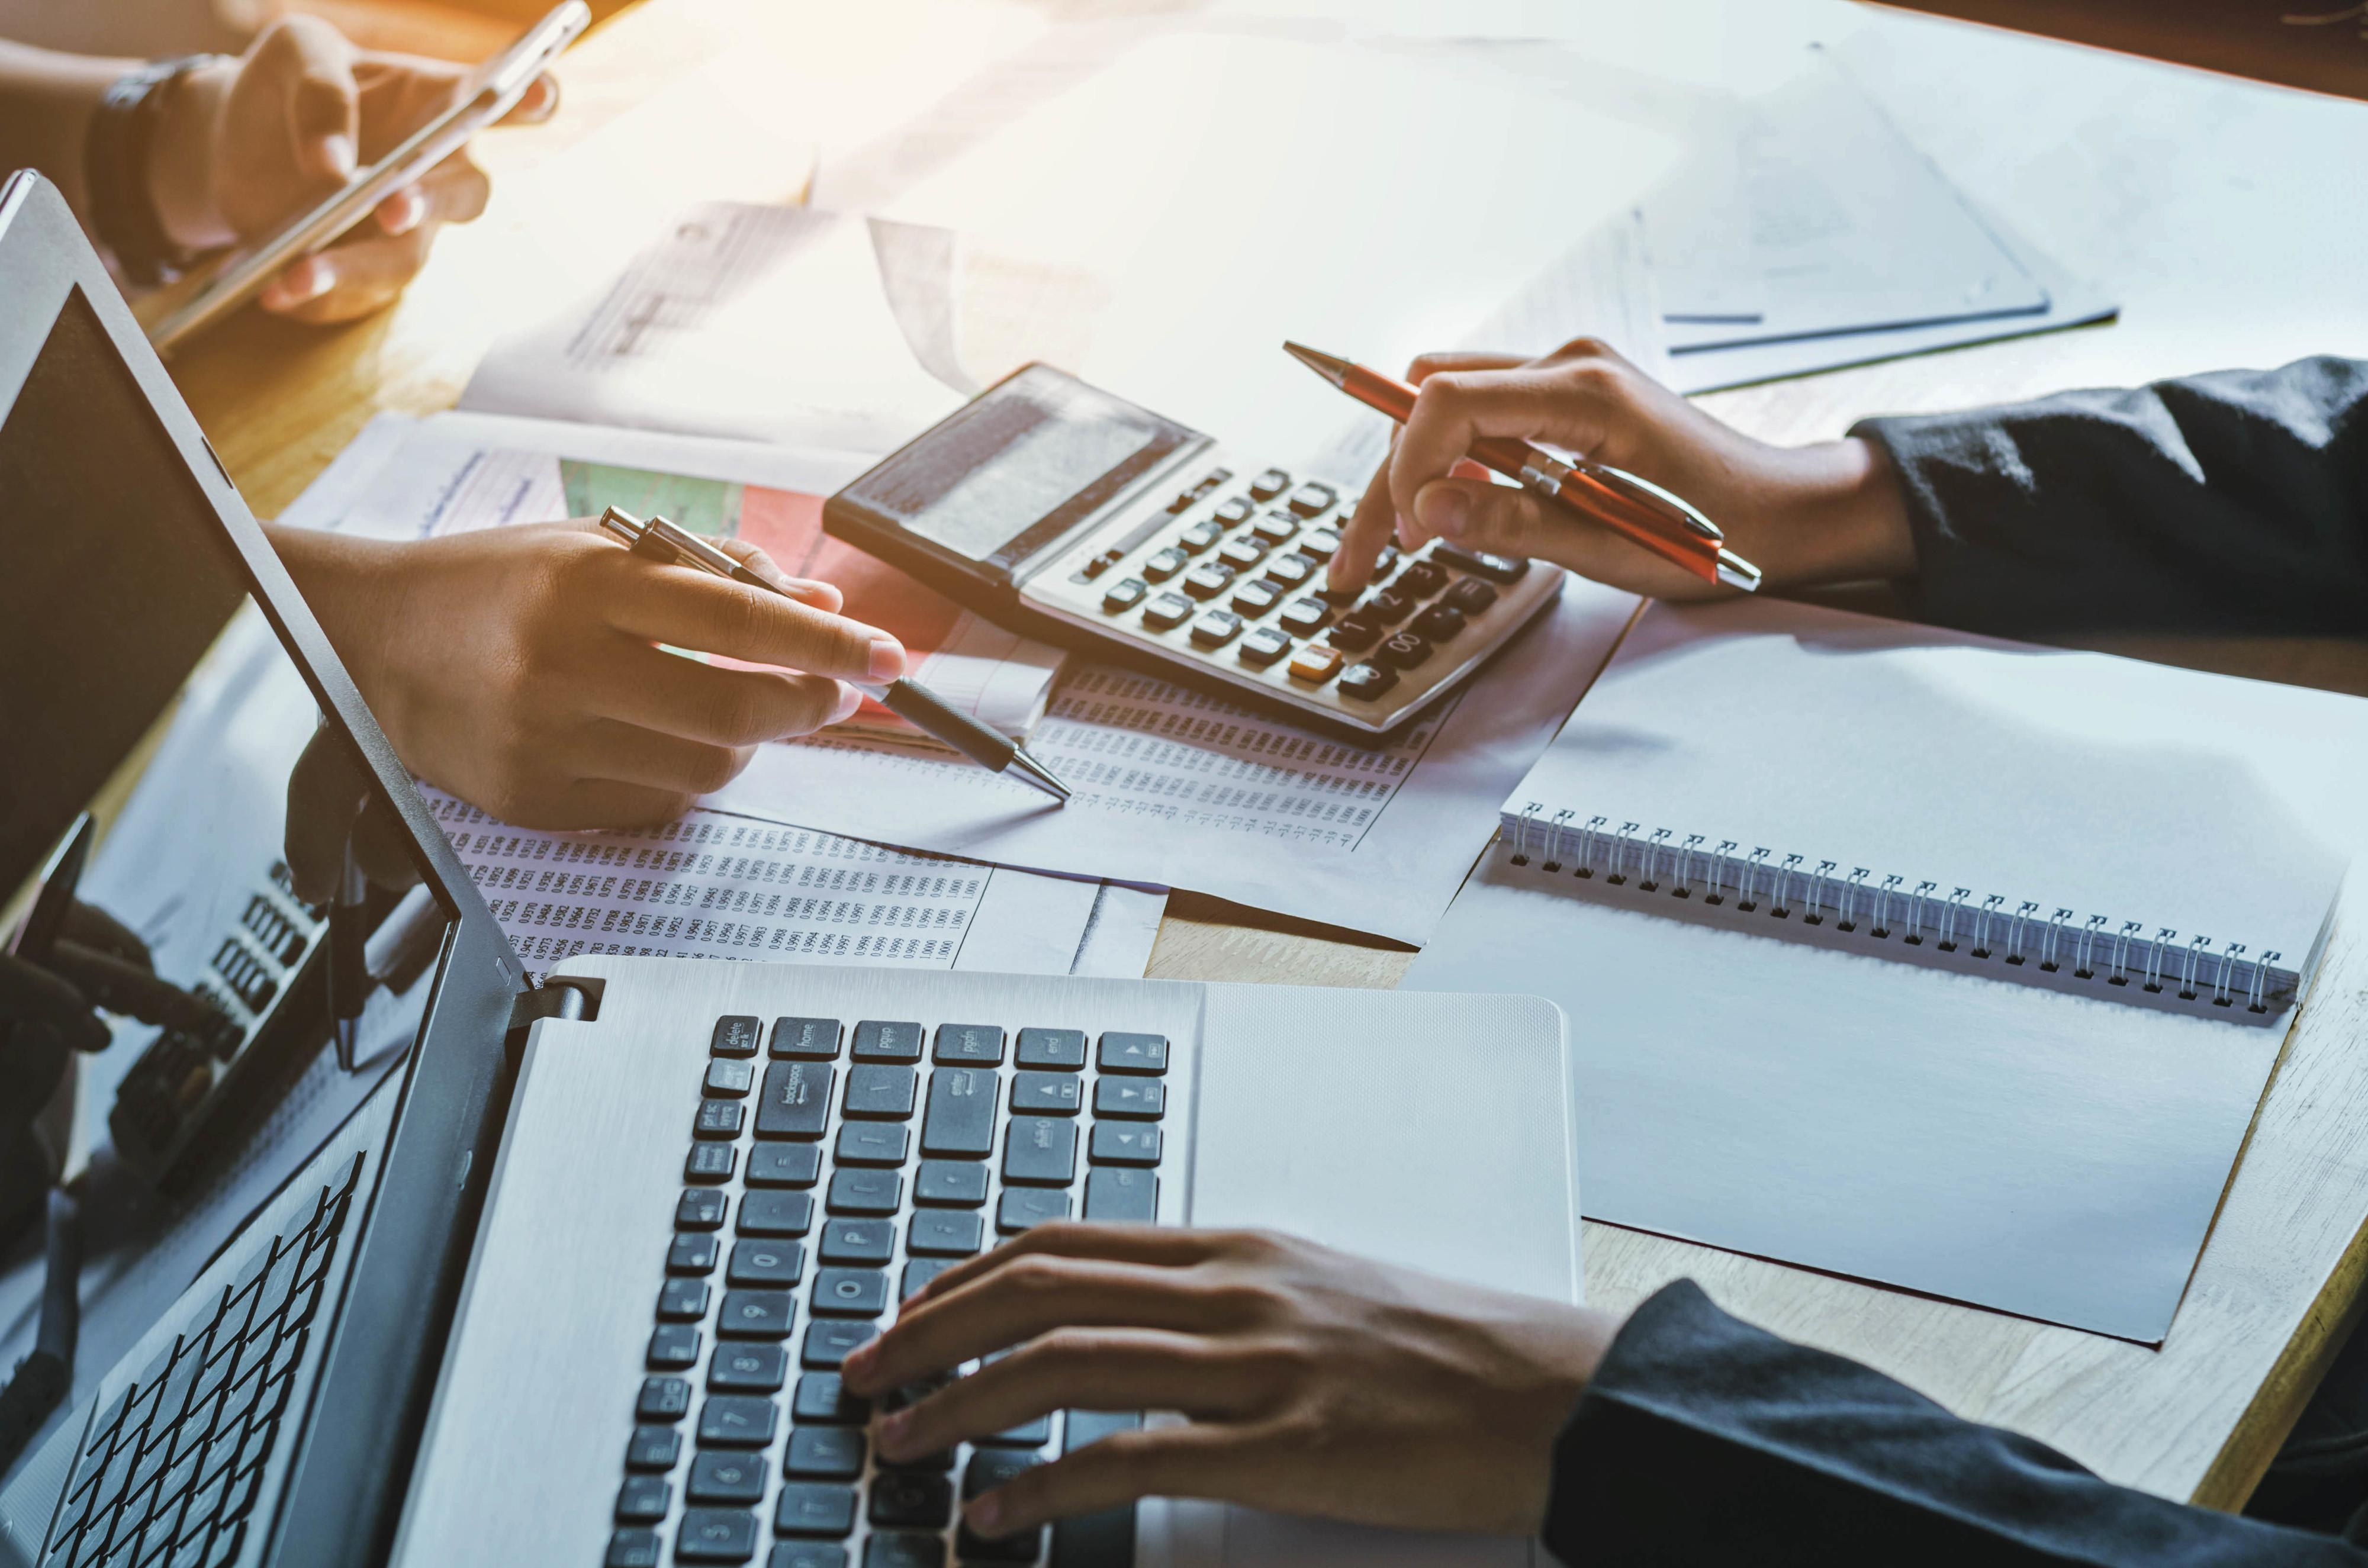 新規開業資金|新規開業資金の必要性は何か?